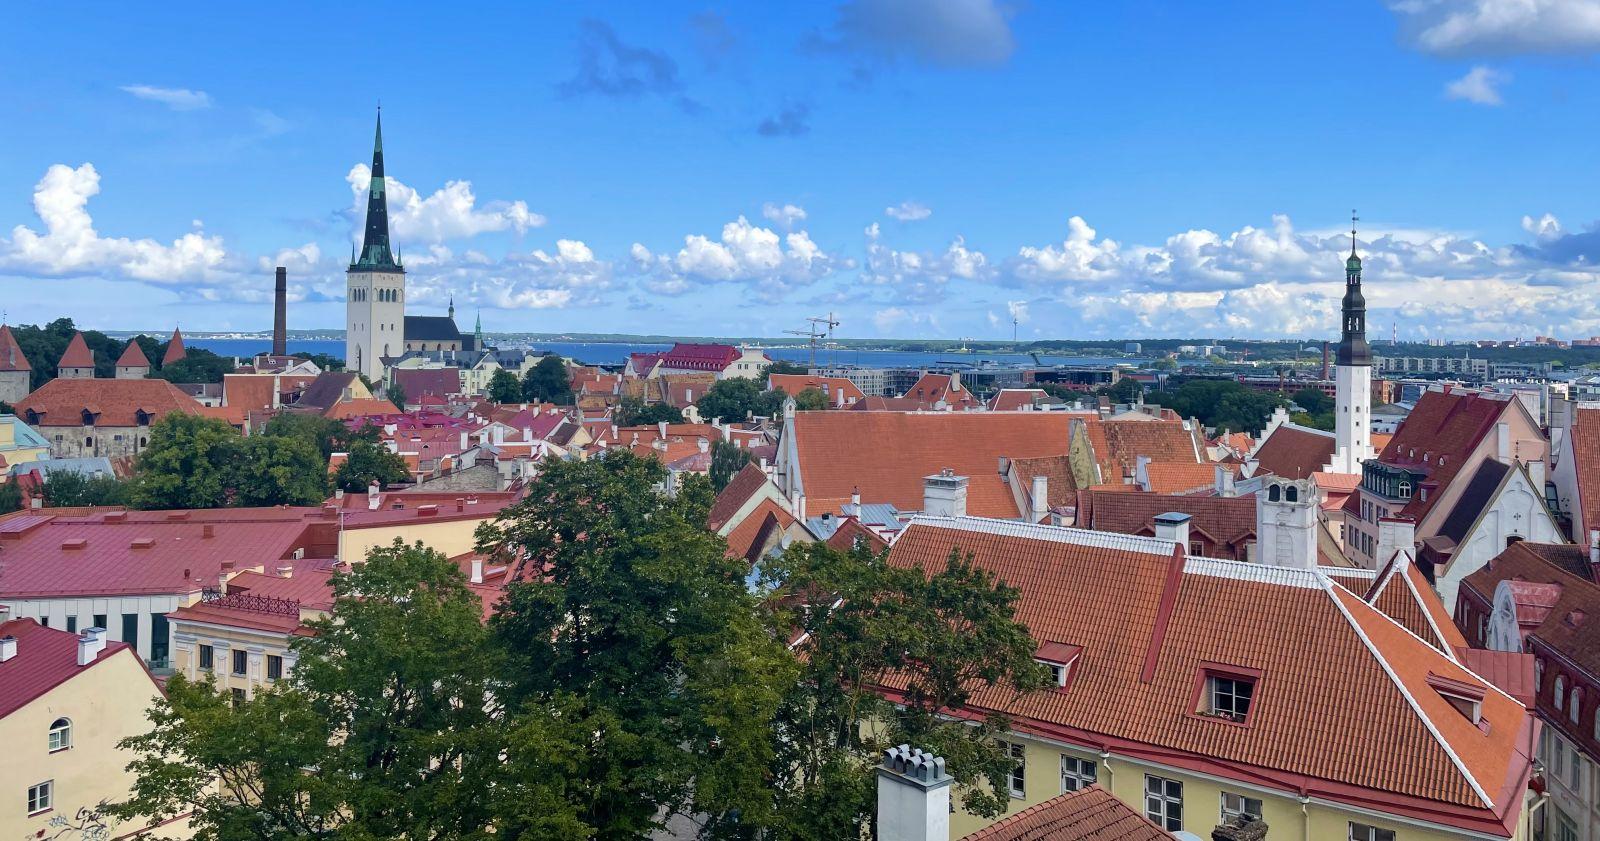 Tallinn's rooftops seen from the Kohtuotsa Viewing Point.